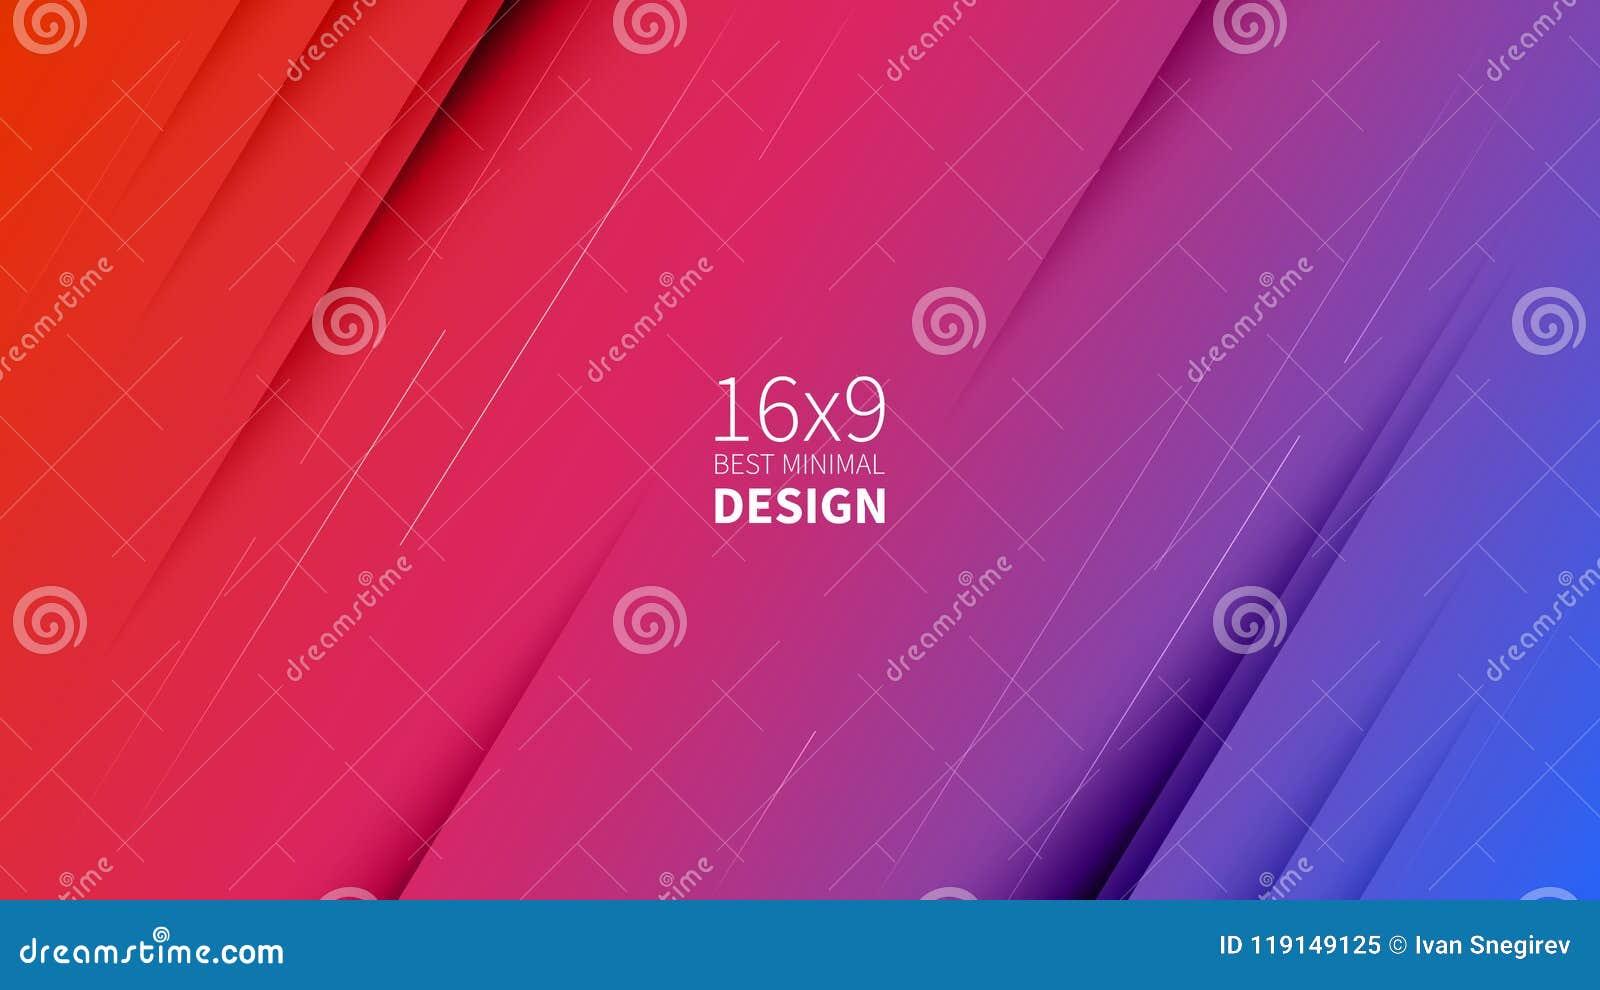 Futuristischer Auslegung-Hintergrund Schablonen für Plakate, Fahnen, Flieger, Darstellungen und Berichte Minimales geometrisches,